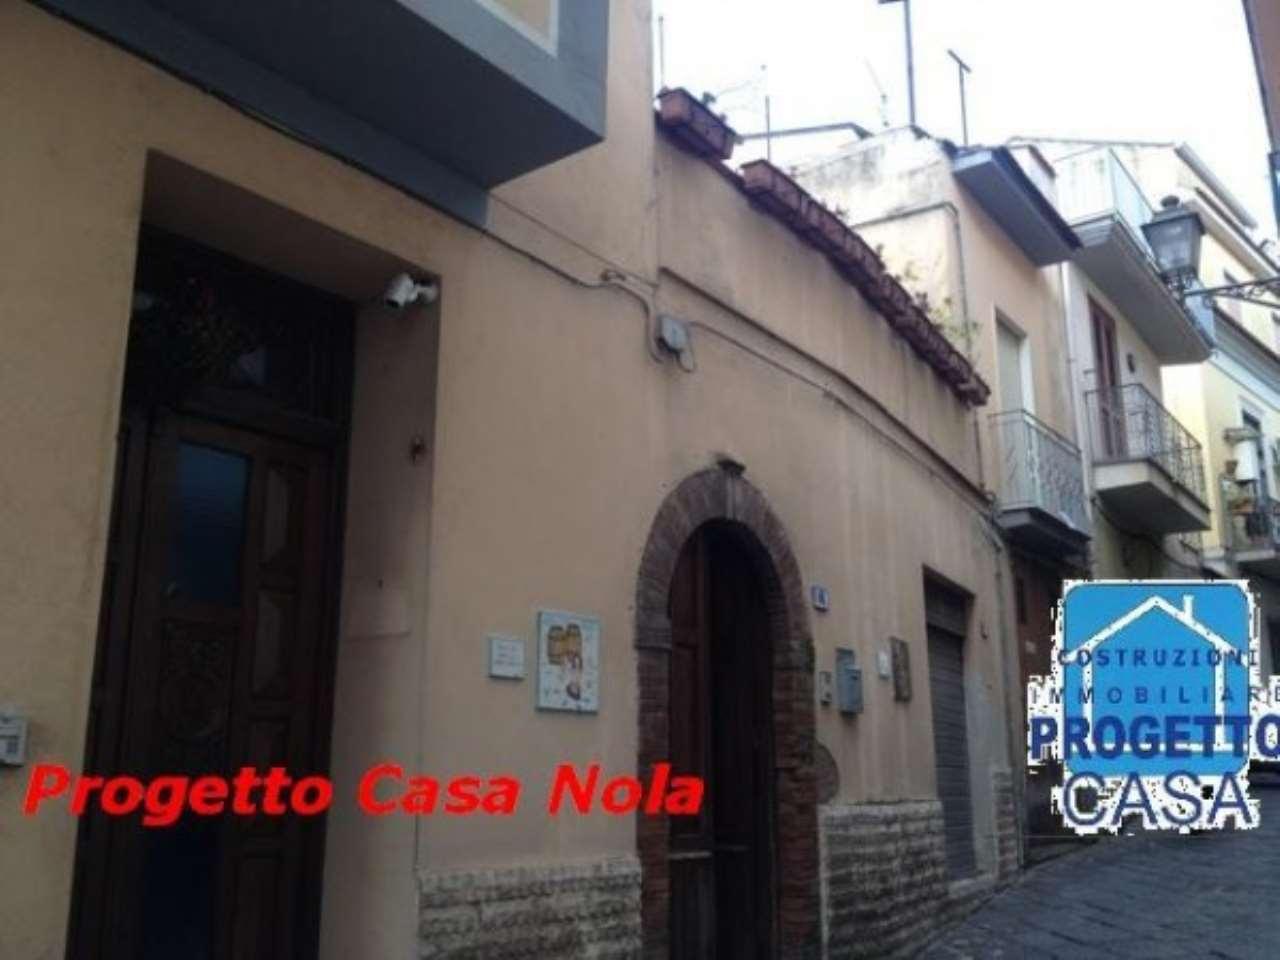 Appartamento in vendita a Taurano, 6 locali, prezzo € 75.000   CambioCasa.it